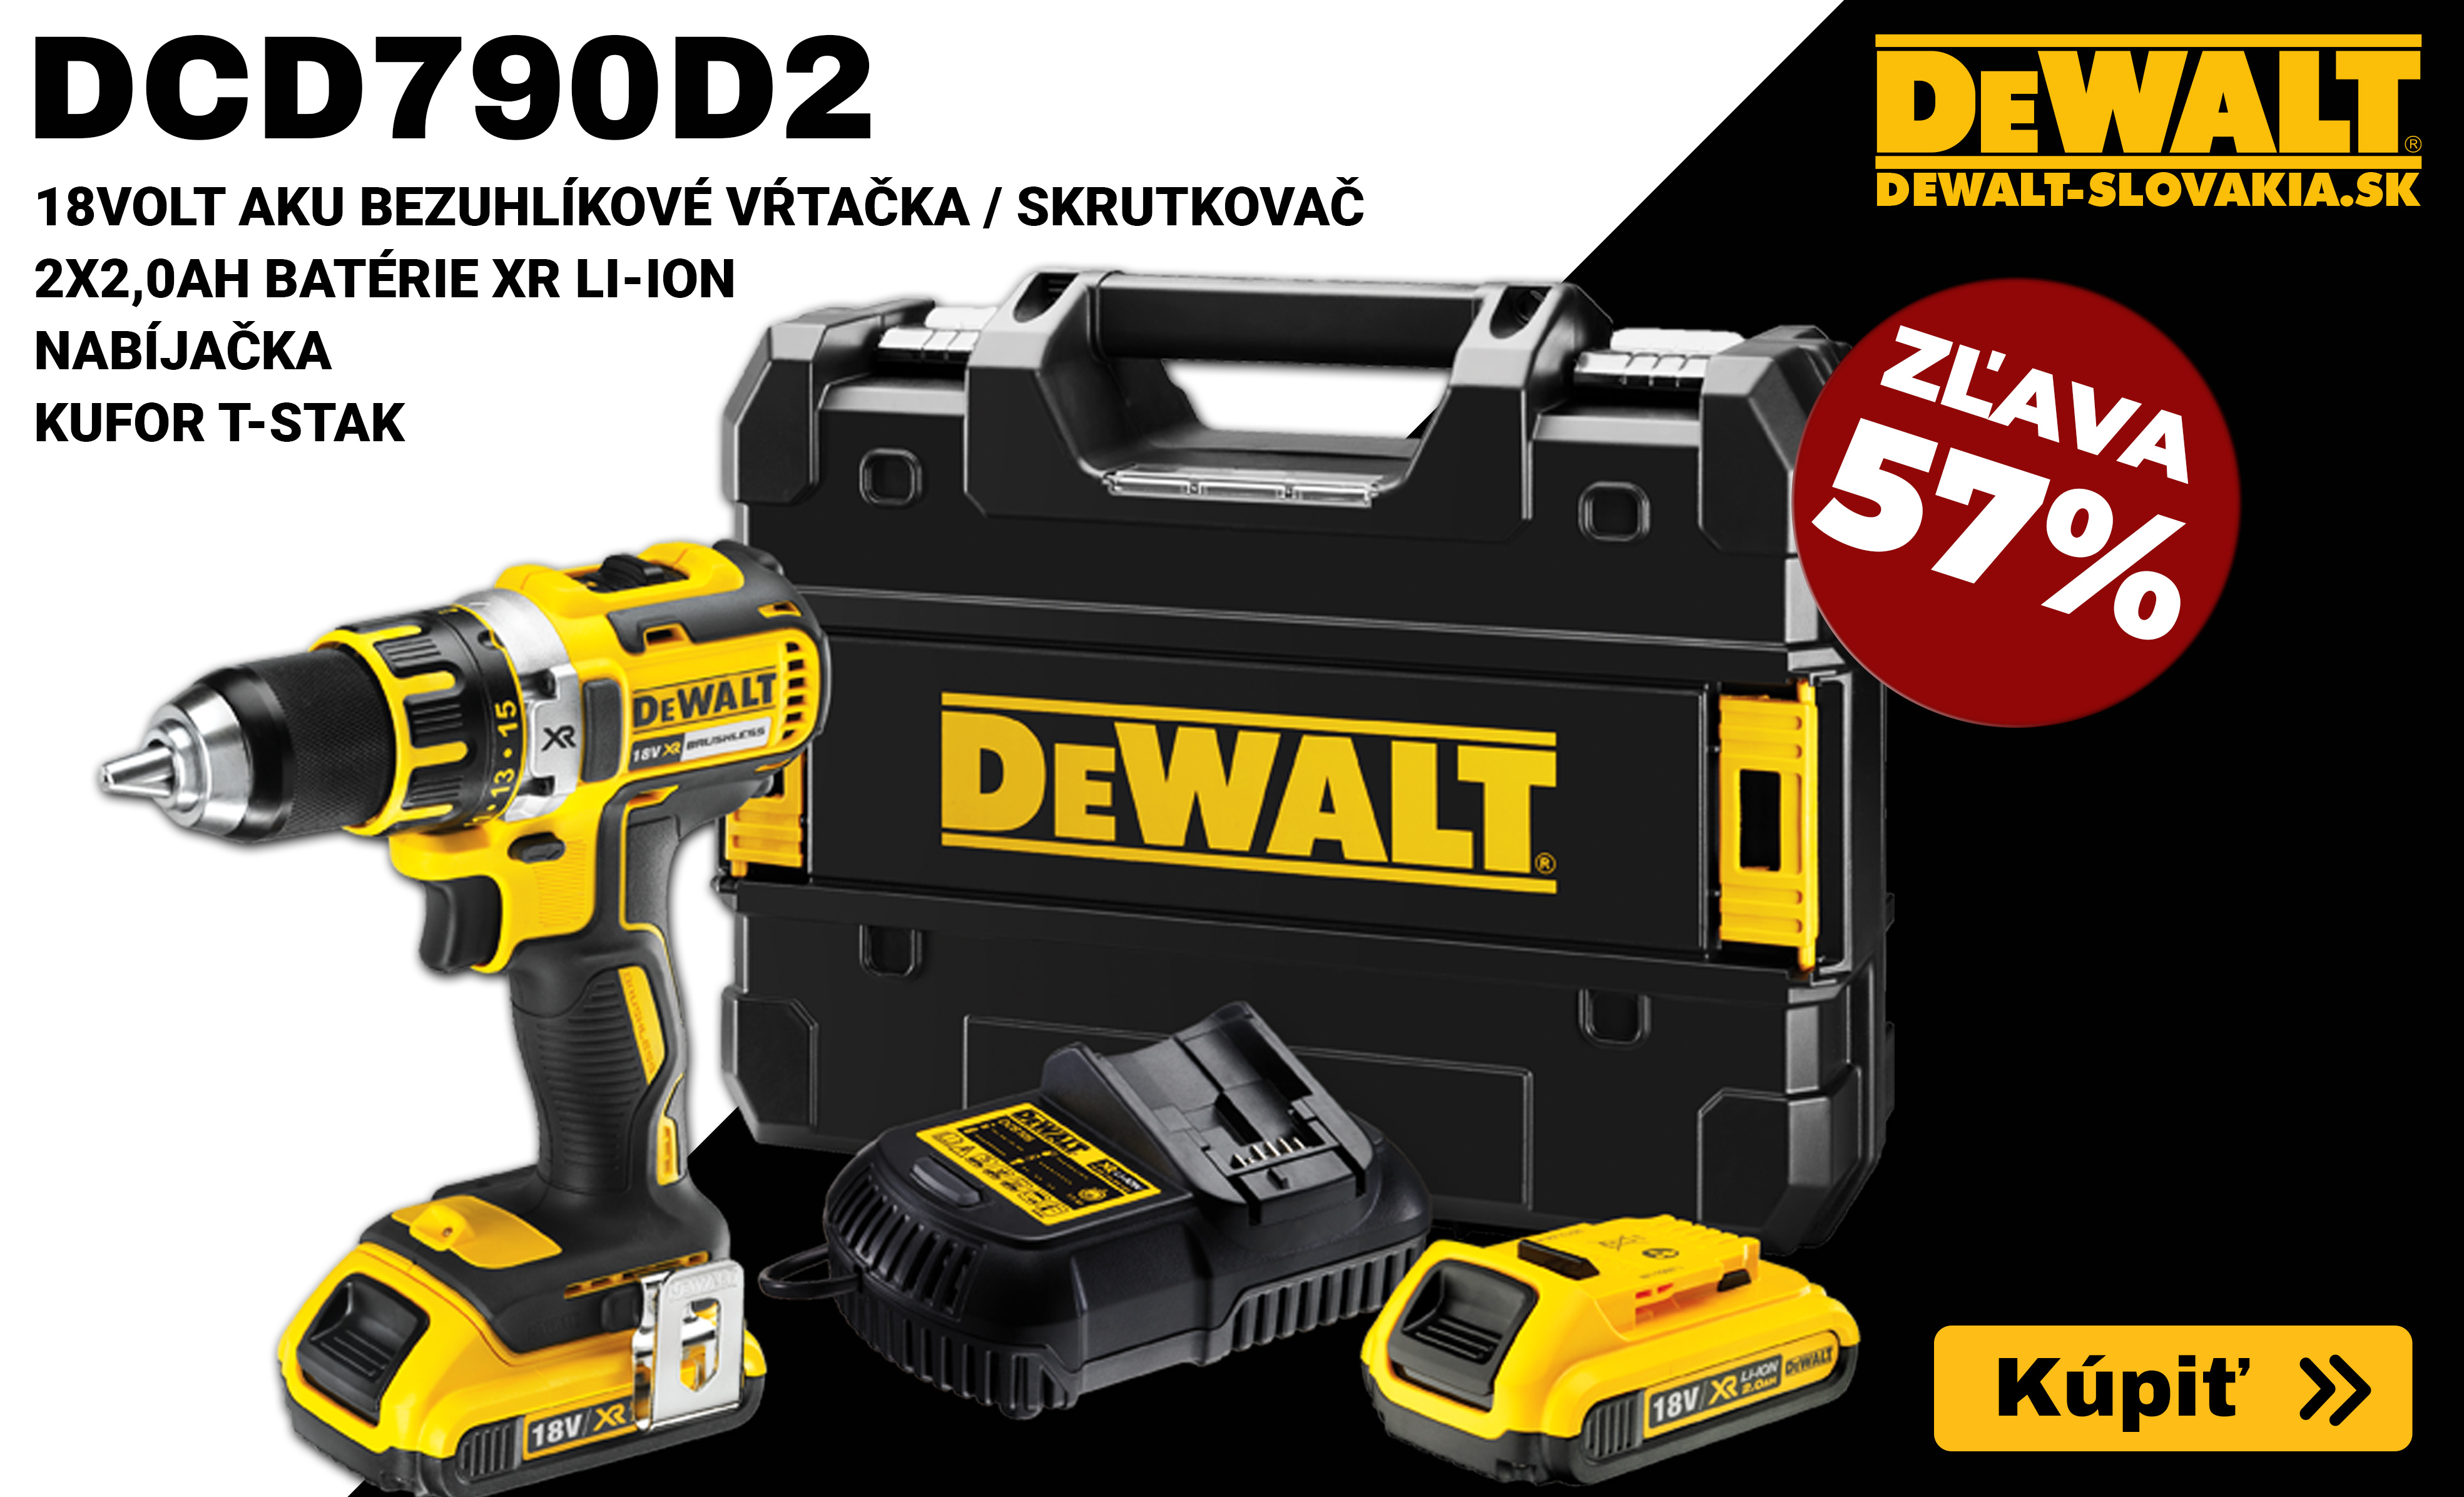 DCD790D2